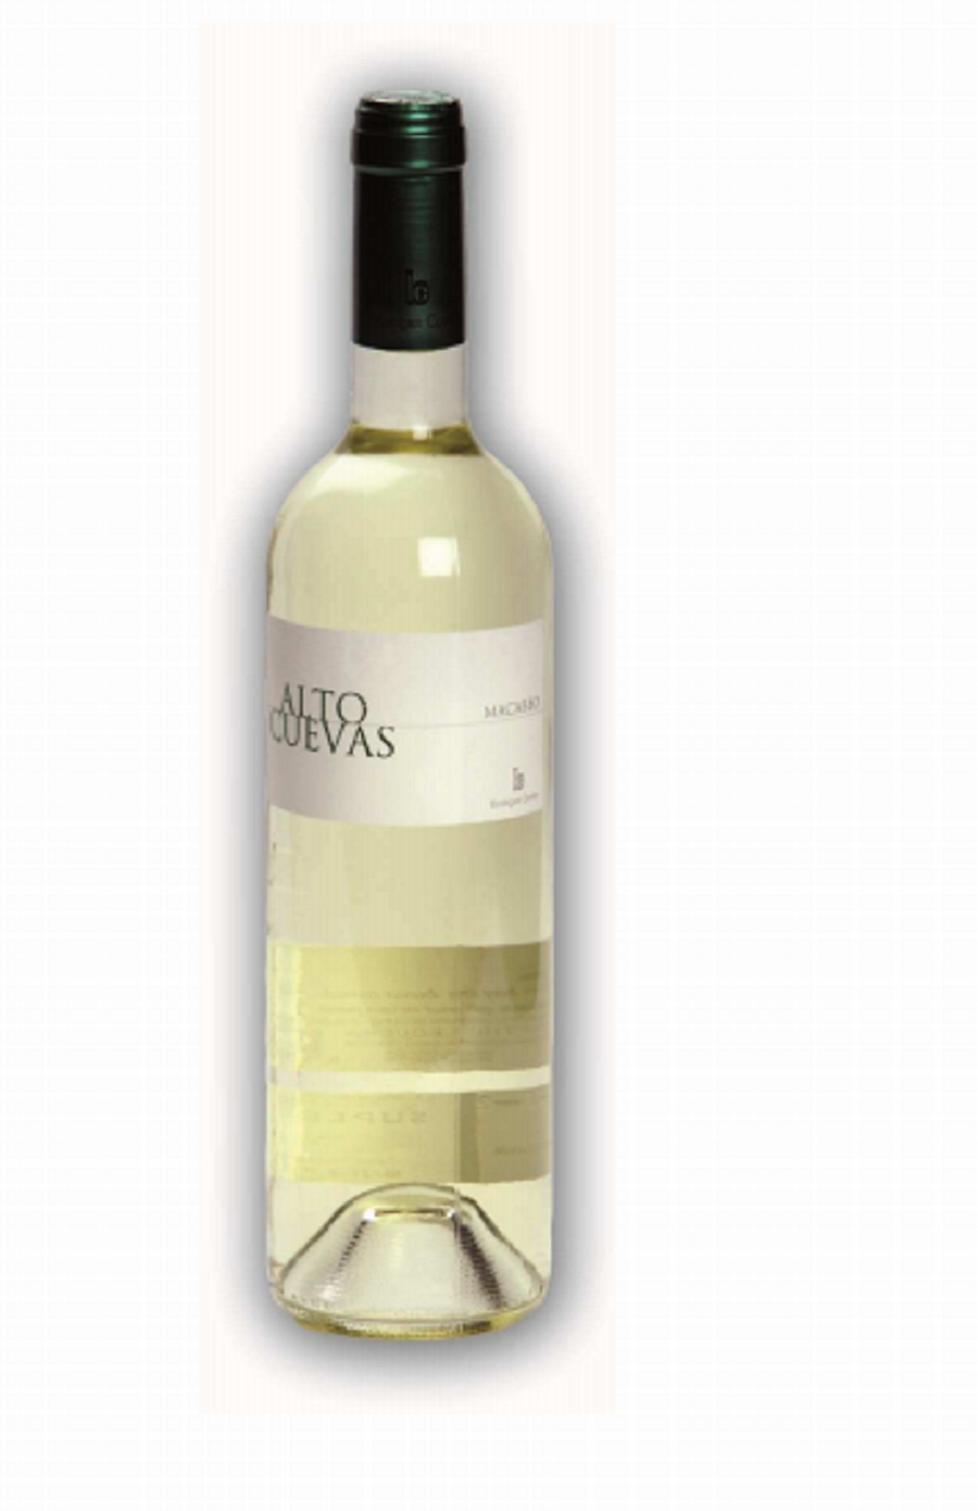 Vino blanco Alto Cuevas